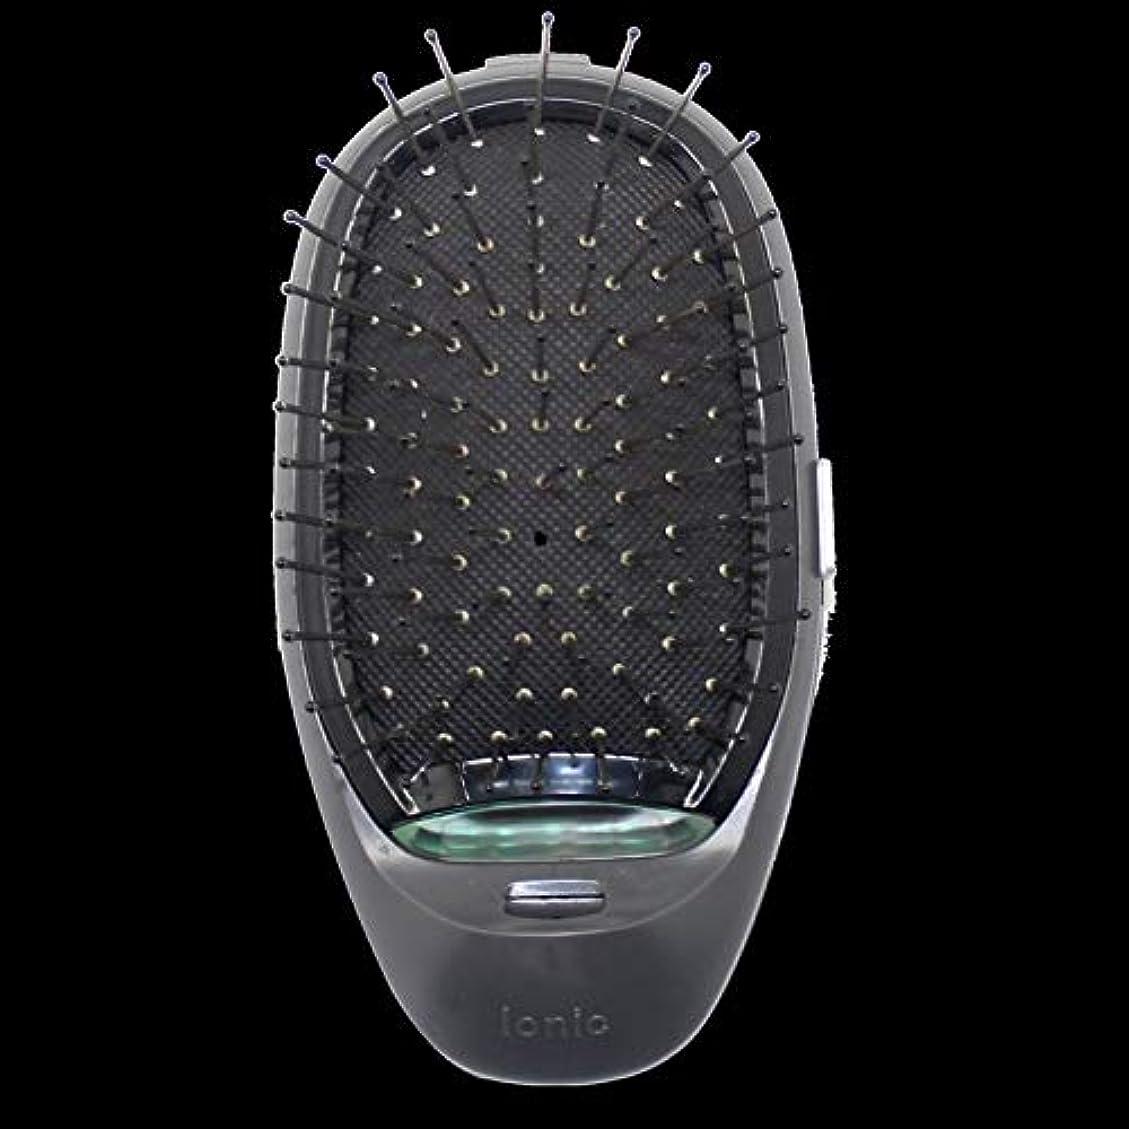 並外れて出血岩電動マッサージヘアブラシミニマイナスイオンヘアコム3Dインフレータブルコーム帯電防止ガールズヘアブラシ電池式 - ブラック